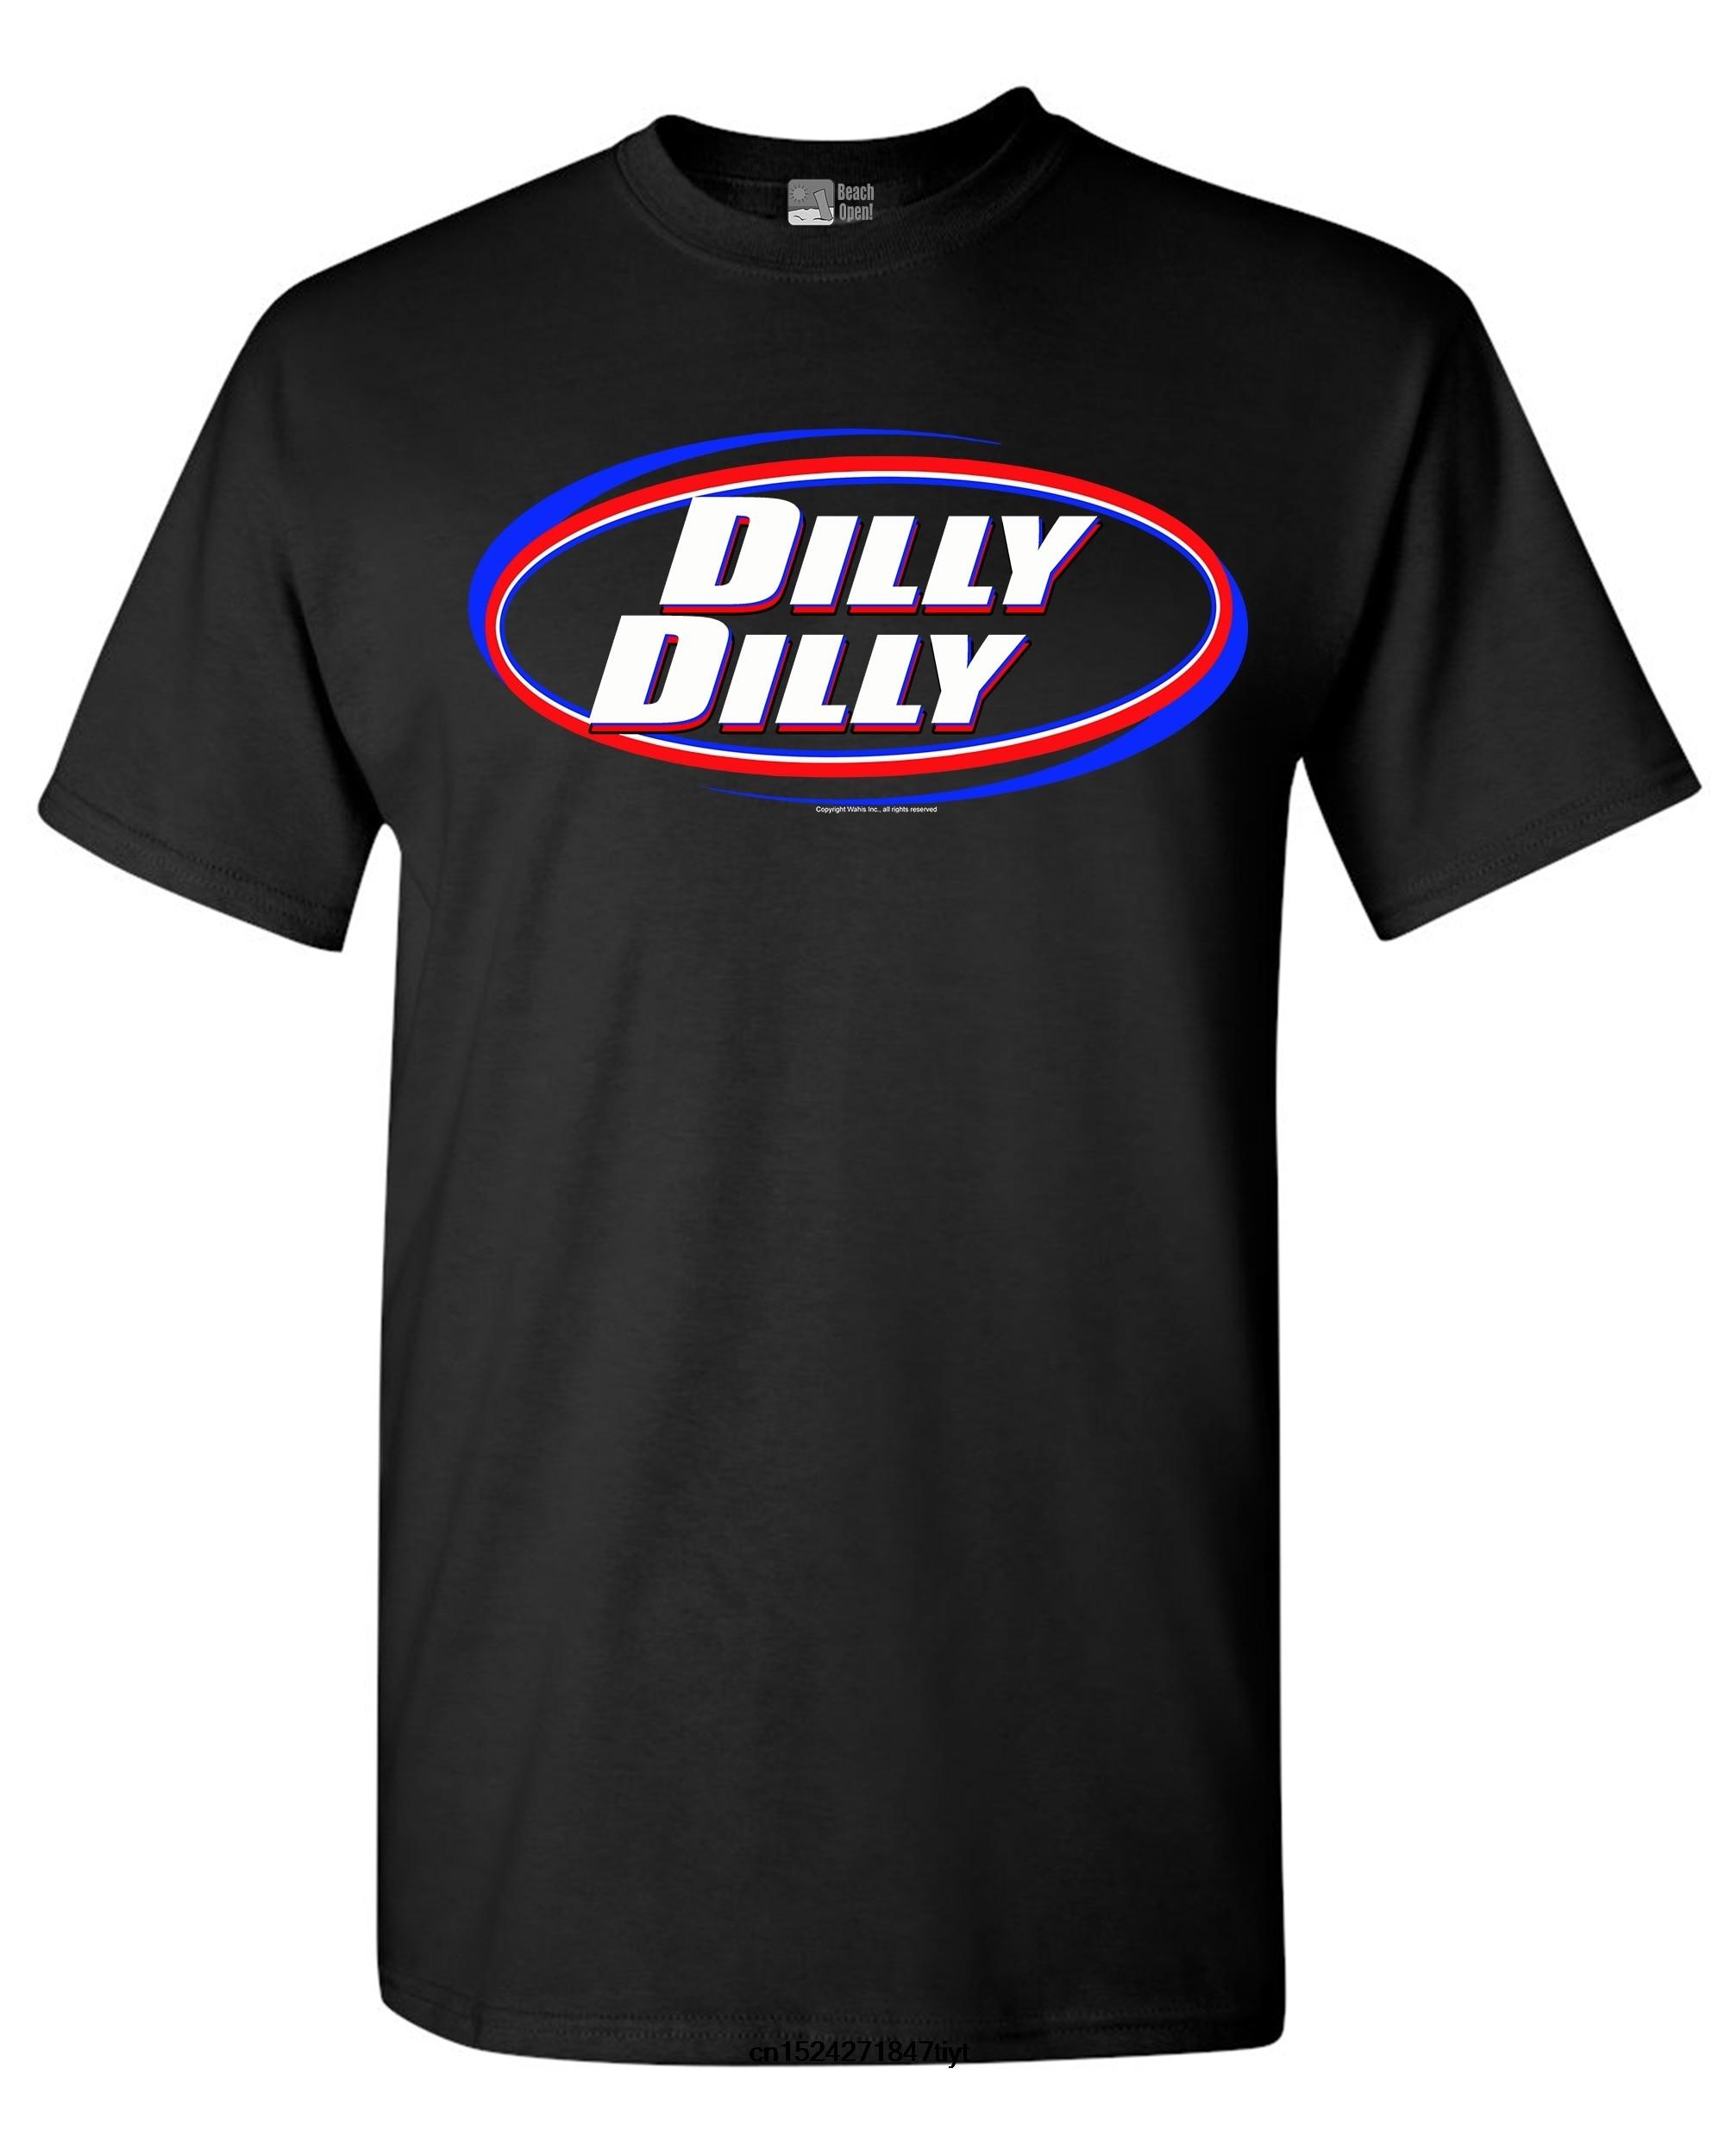 Los hombres t camisa camiseta camisetas camiseta negra Dilly cerveza salud fiesta divertido camiseta DT tee